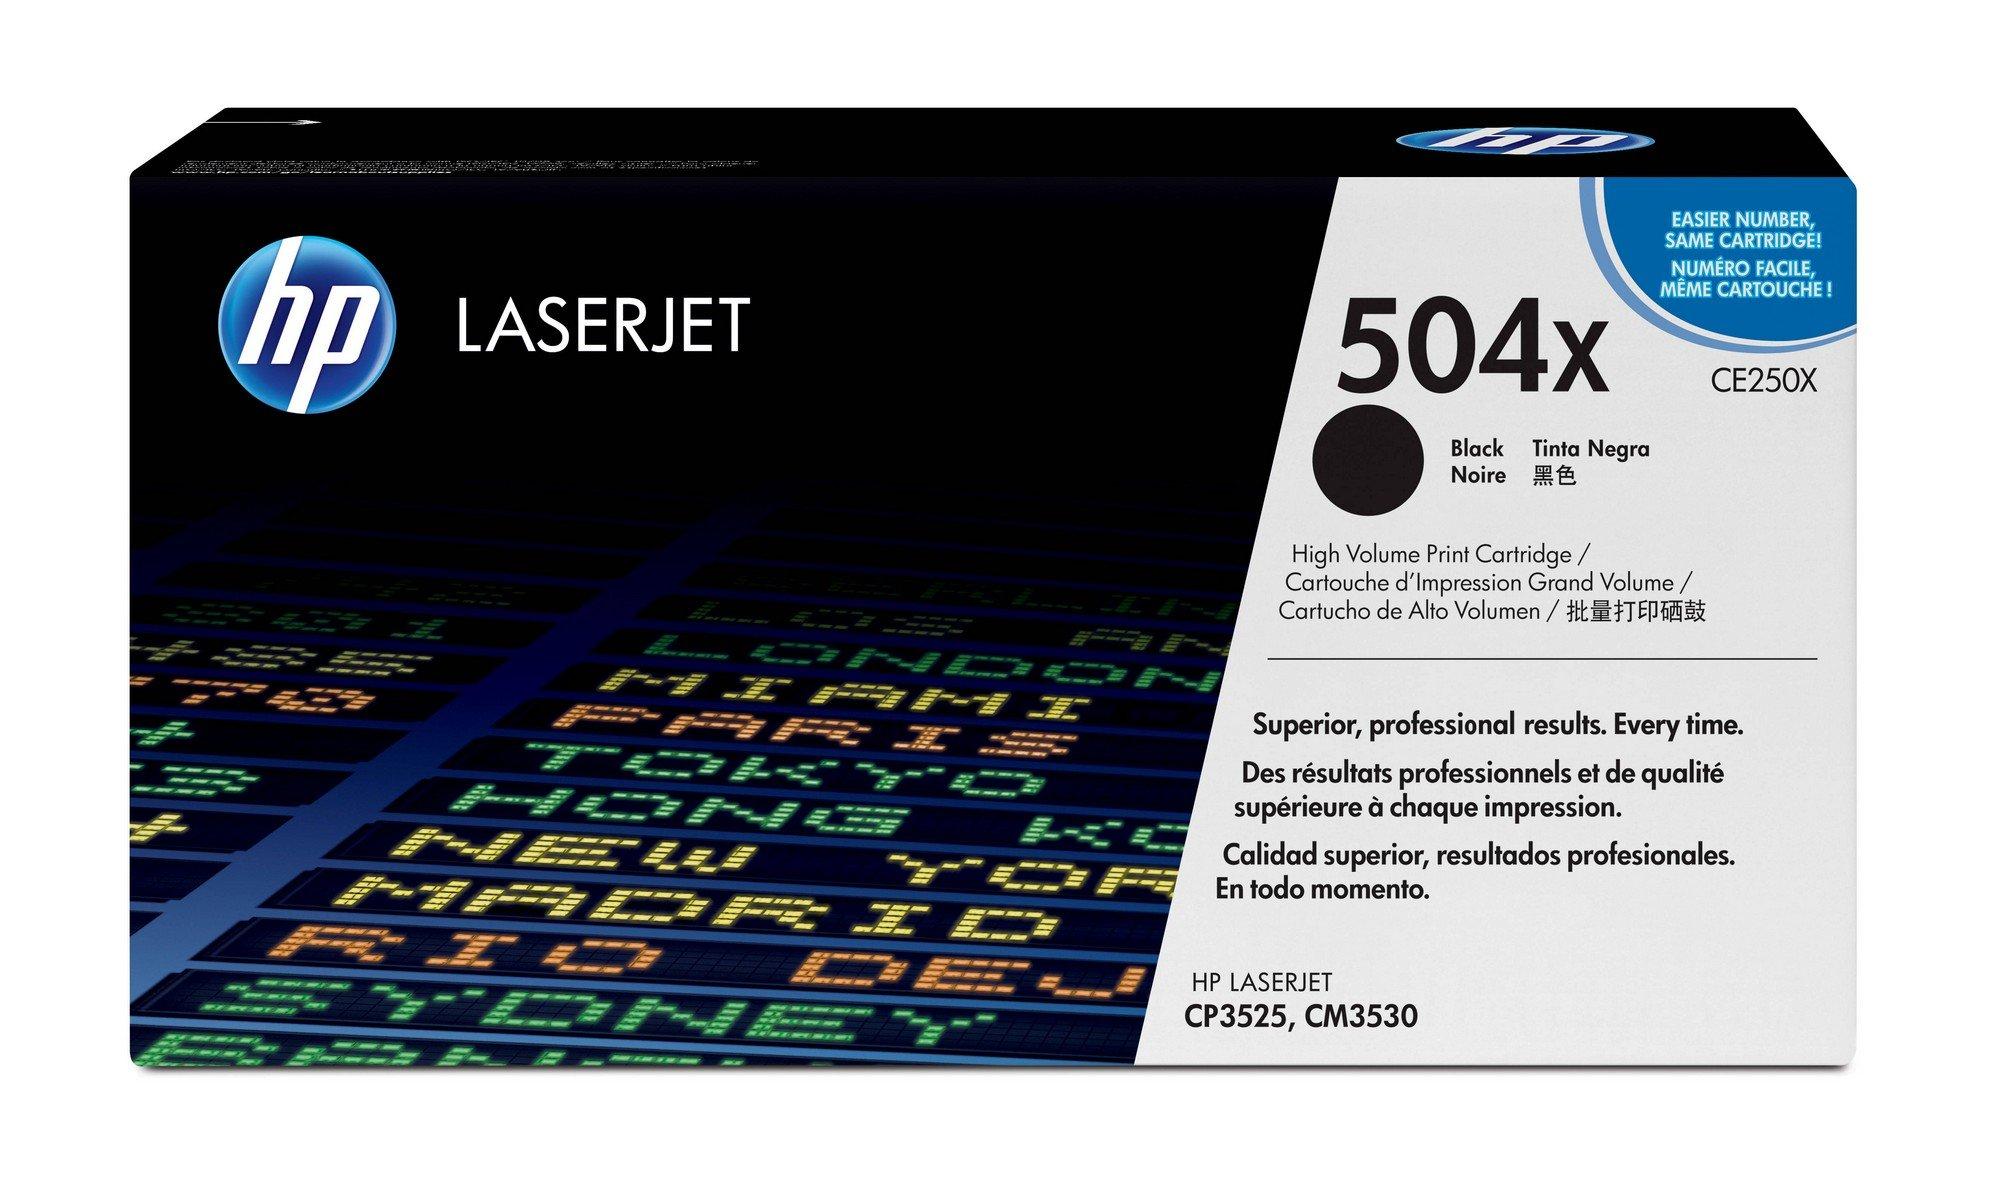 Toner Original HP 504X CE250X Black Alta Capacidad